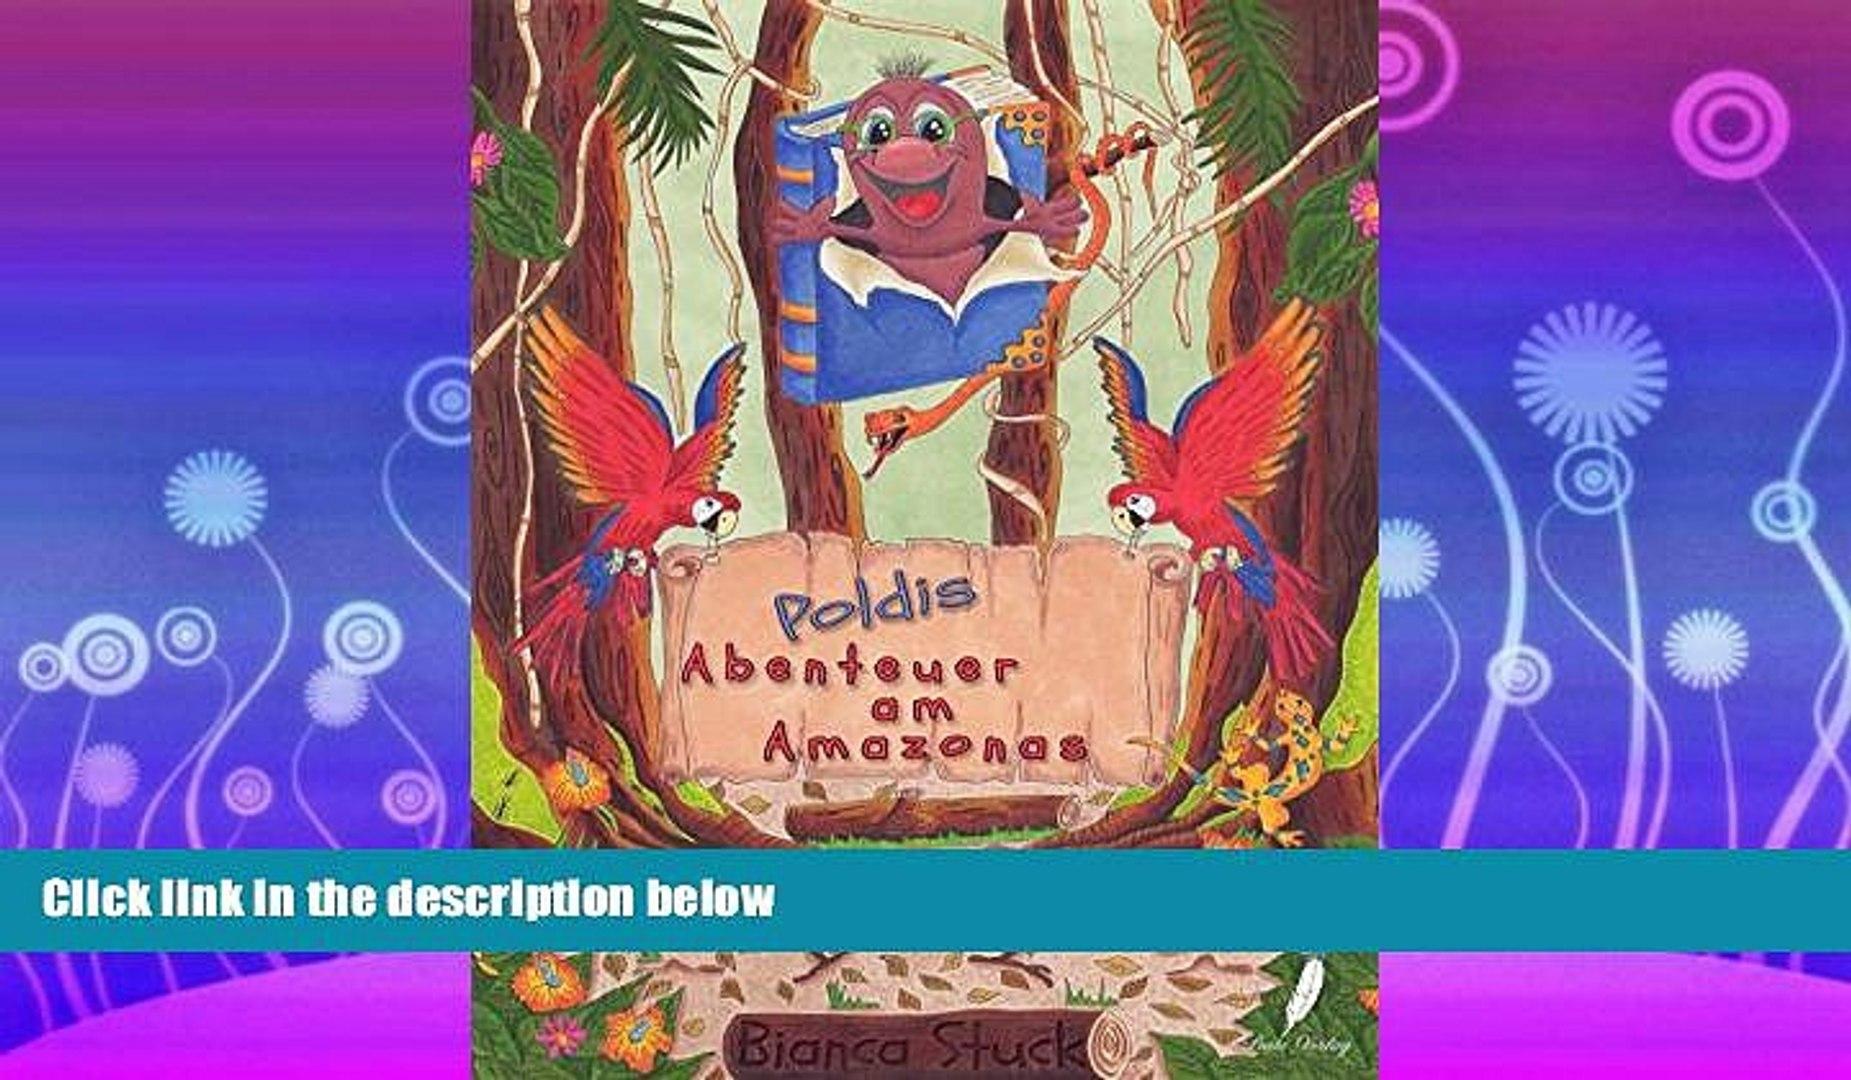 eBook Download Poldis Abenteuer am Amazonas (German Edition)